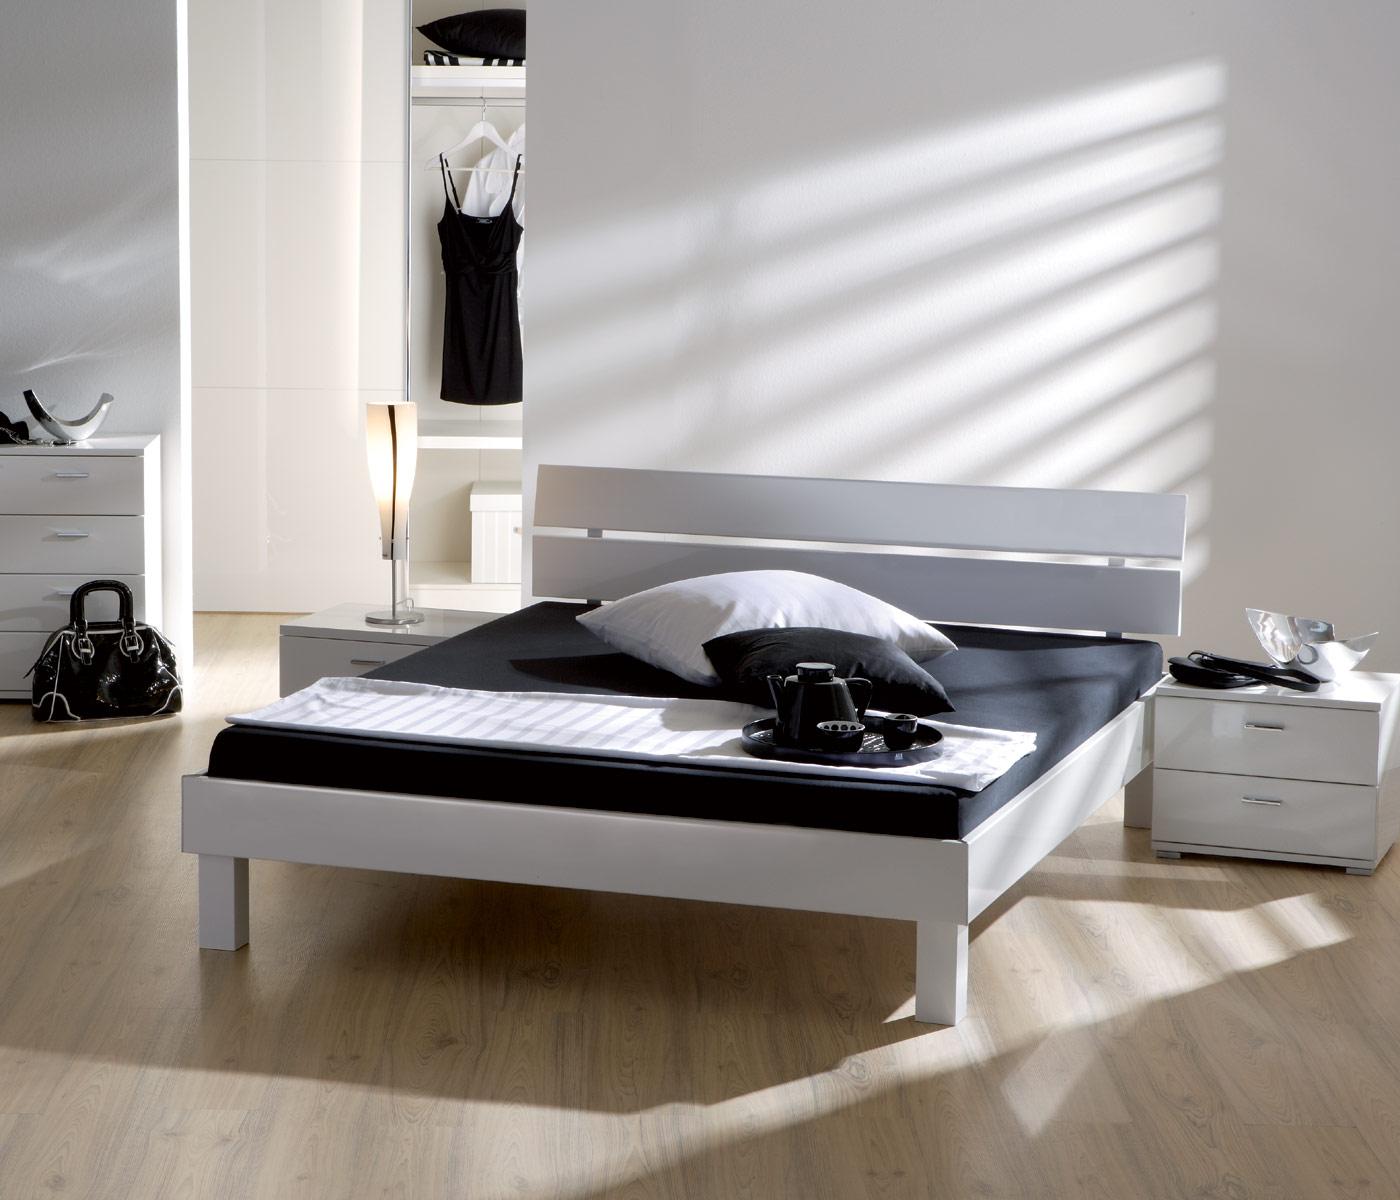 weißes hochglanz designerbett in edlem design - norman, Schlafzimmer entwurf